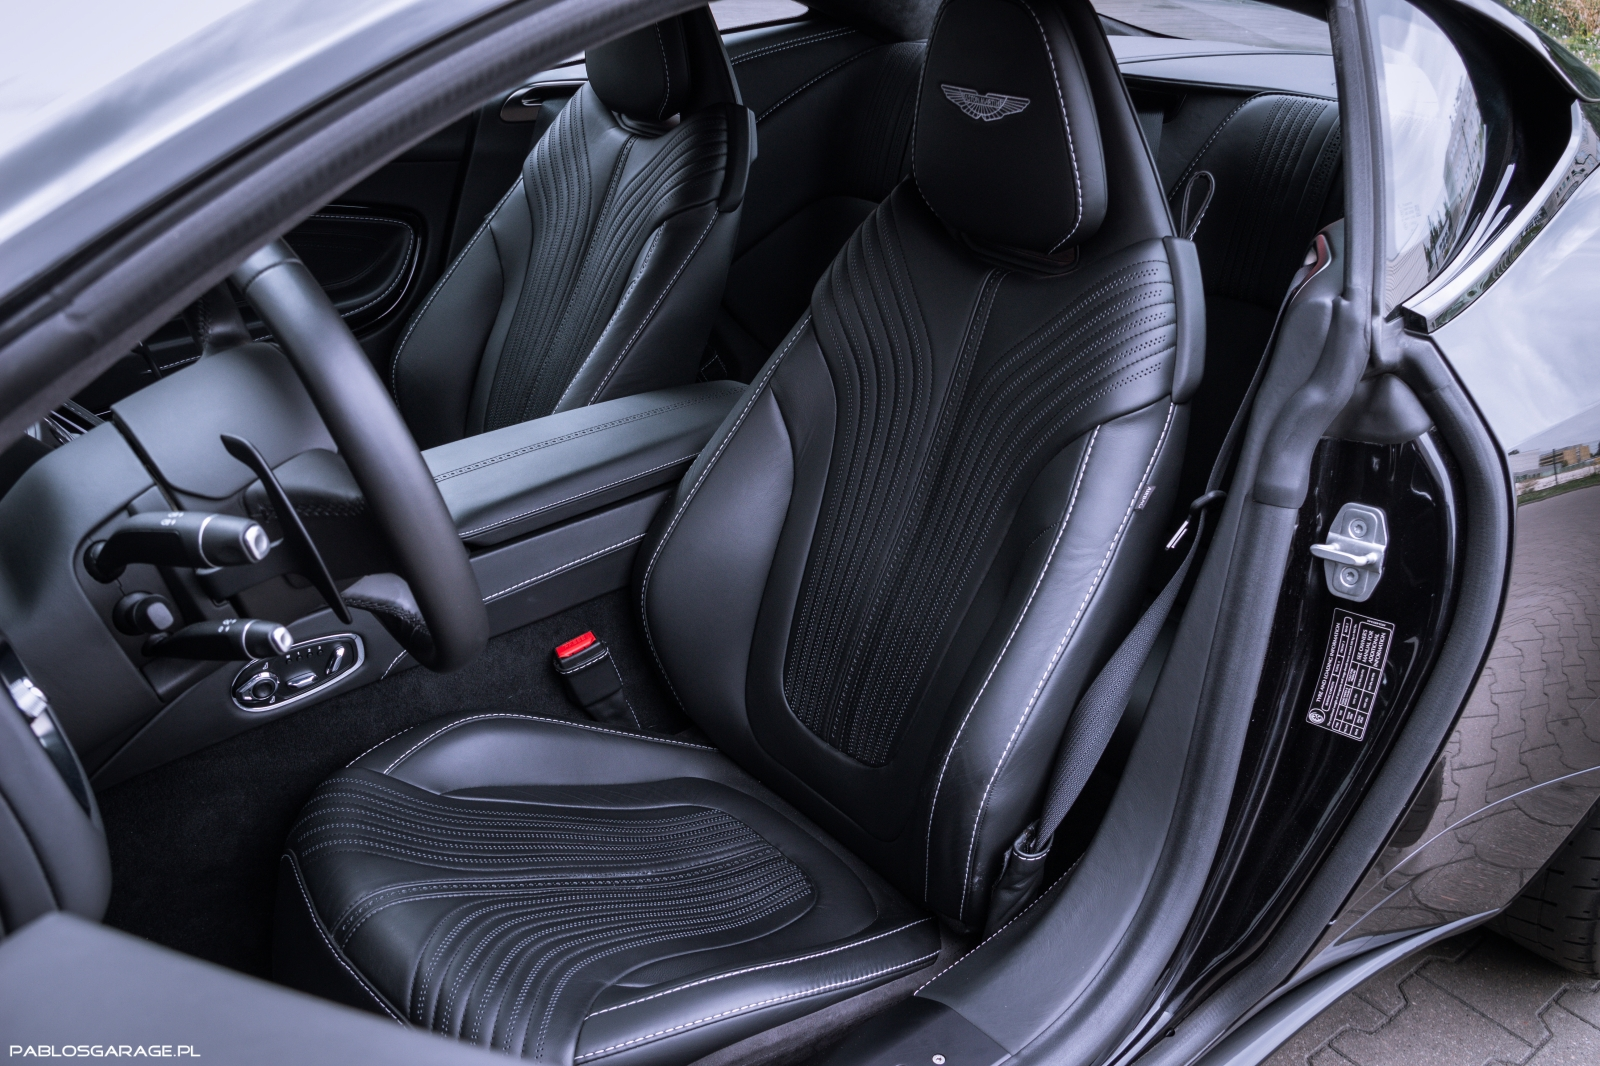 Aston Martin DB11 5.2 Twin Turbo V12 608 KM